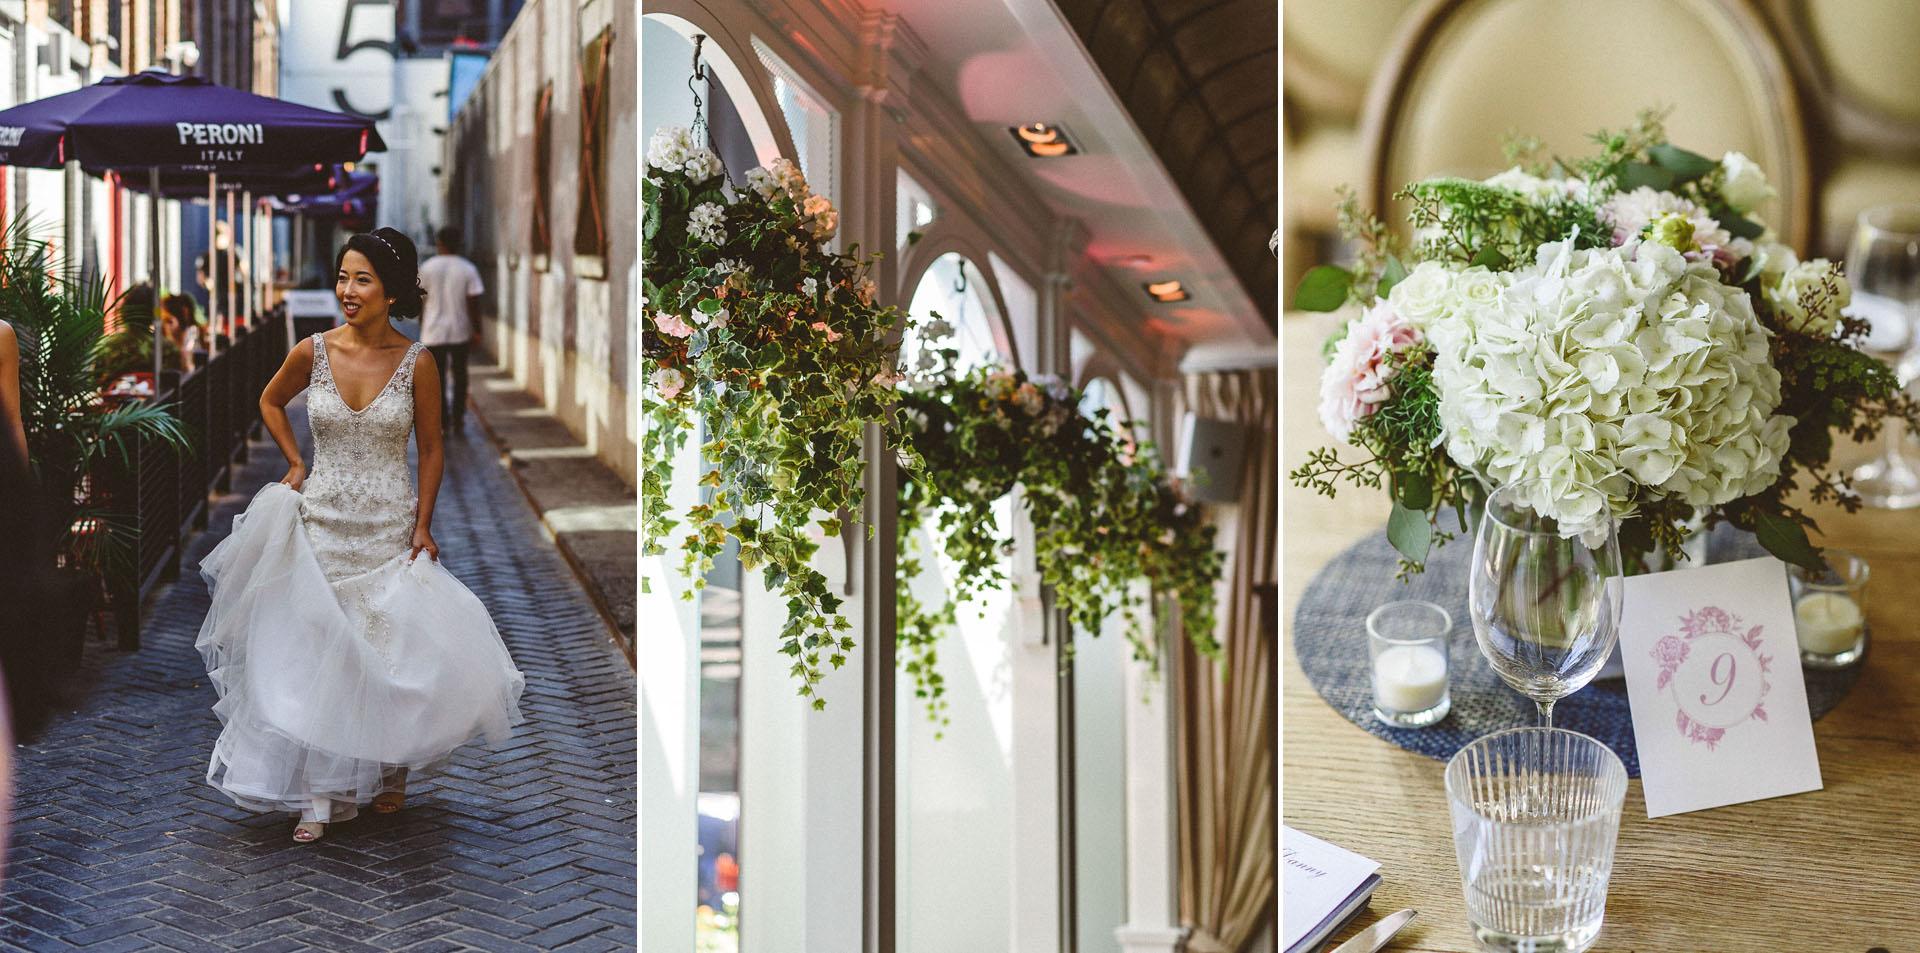 Details of Colette Restaurant